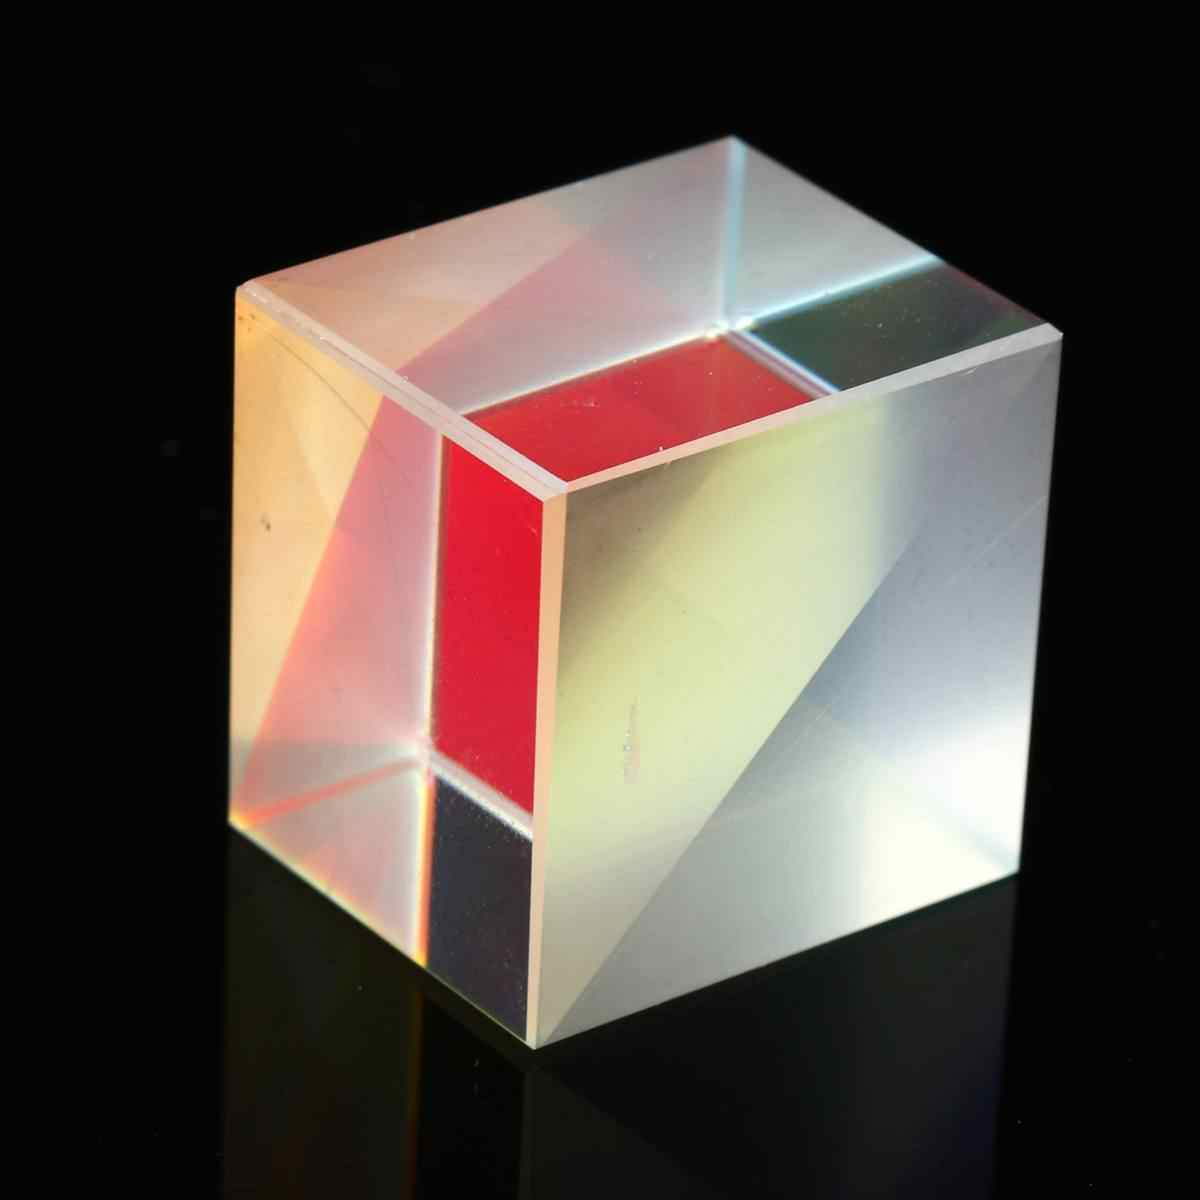 4 шт. 20*20*17 мм кубическая Призма дефектных крест дихроическое зеркало Combiner Splitter Декор прозрачный МОДУЛЬ оптический стекло класса игрушки